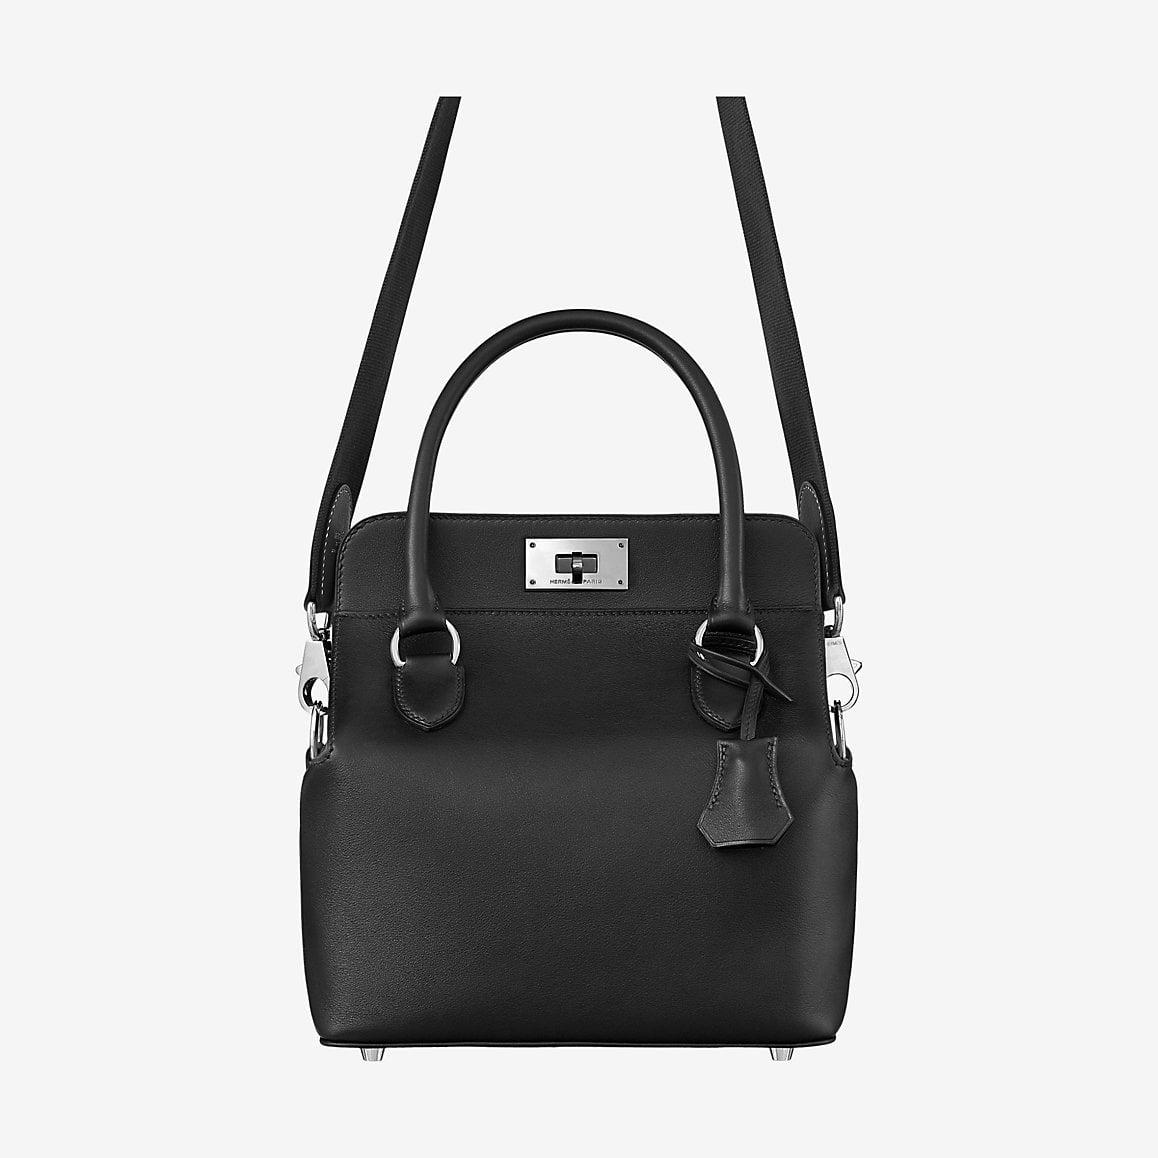 toolbox-20-bag--062206CK89-front-2-300-0-1158-1158